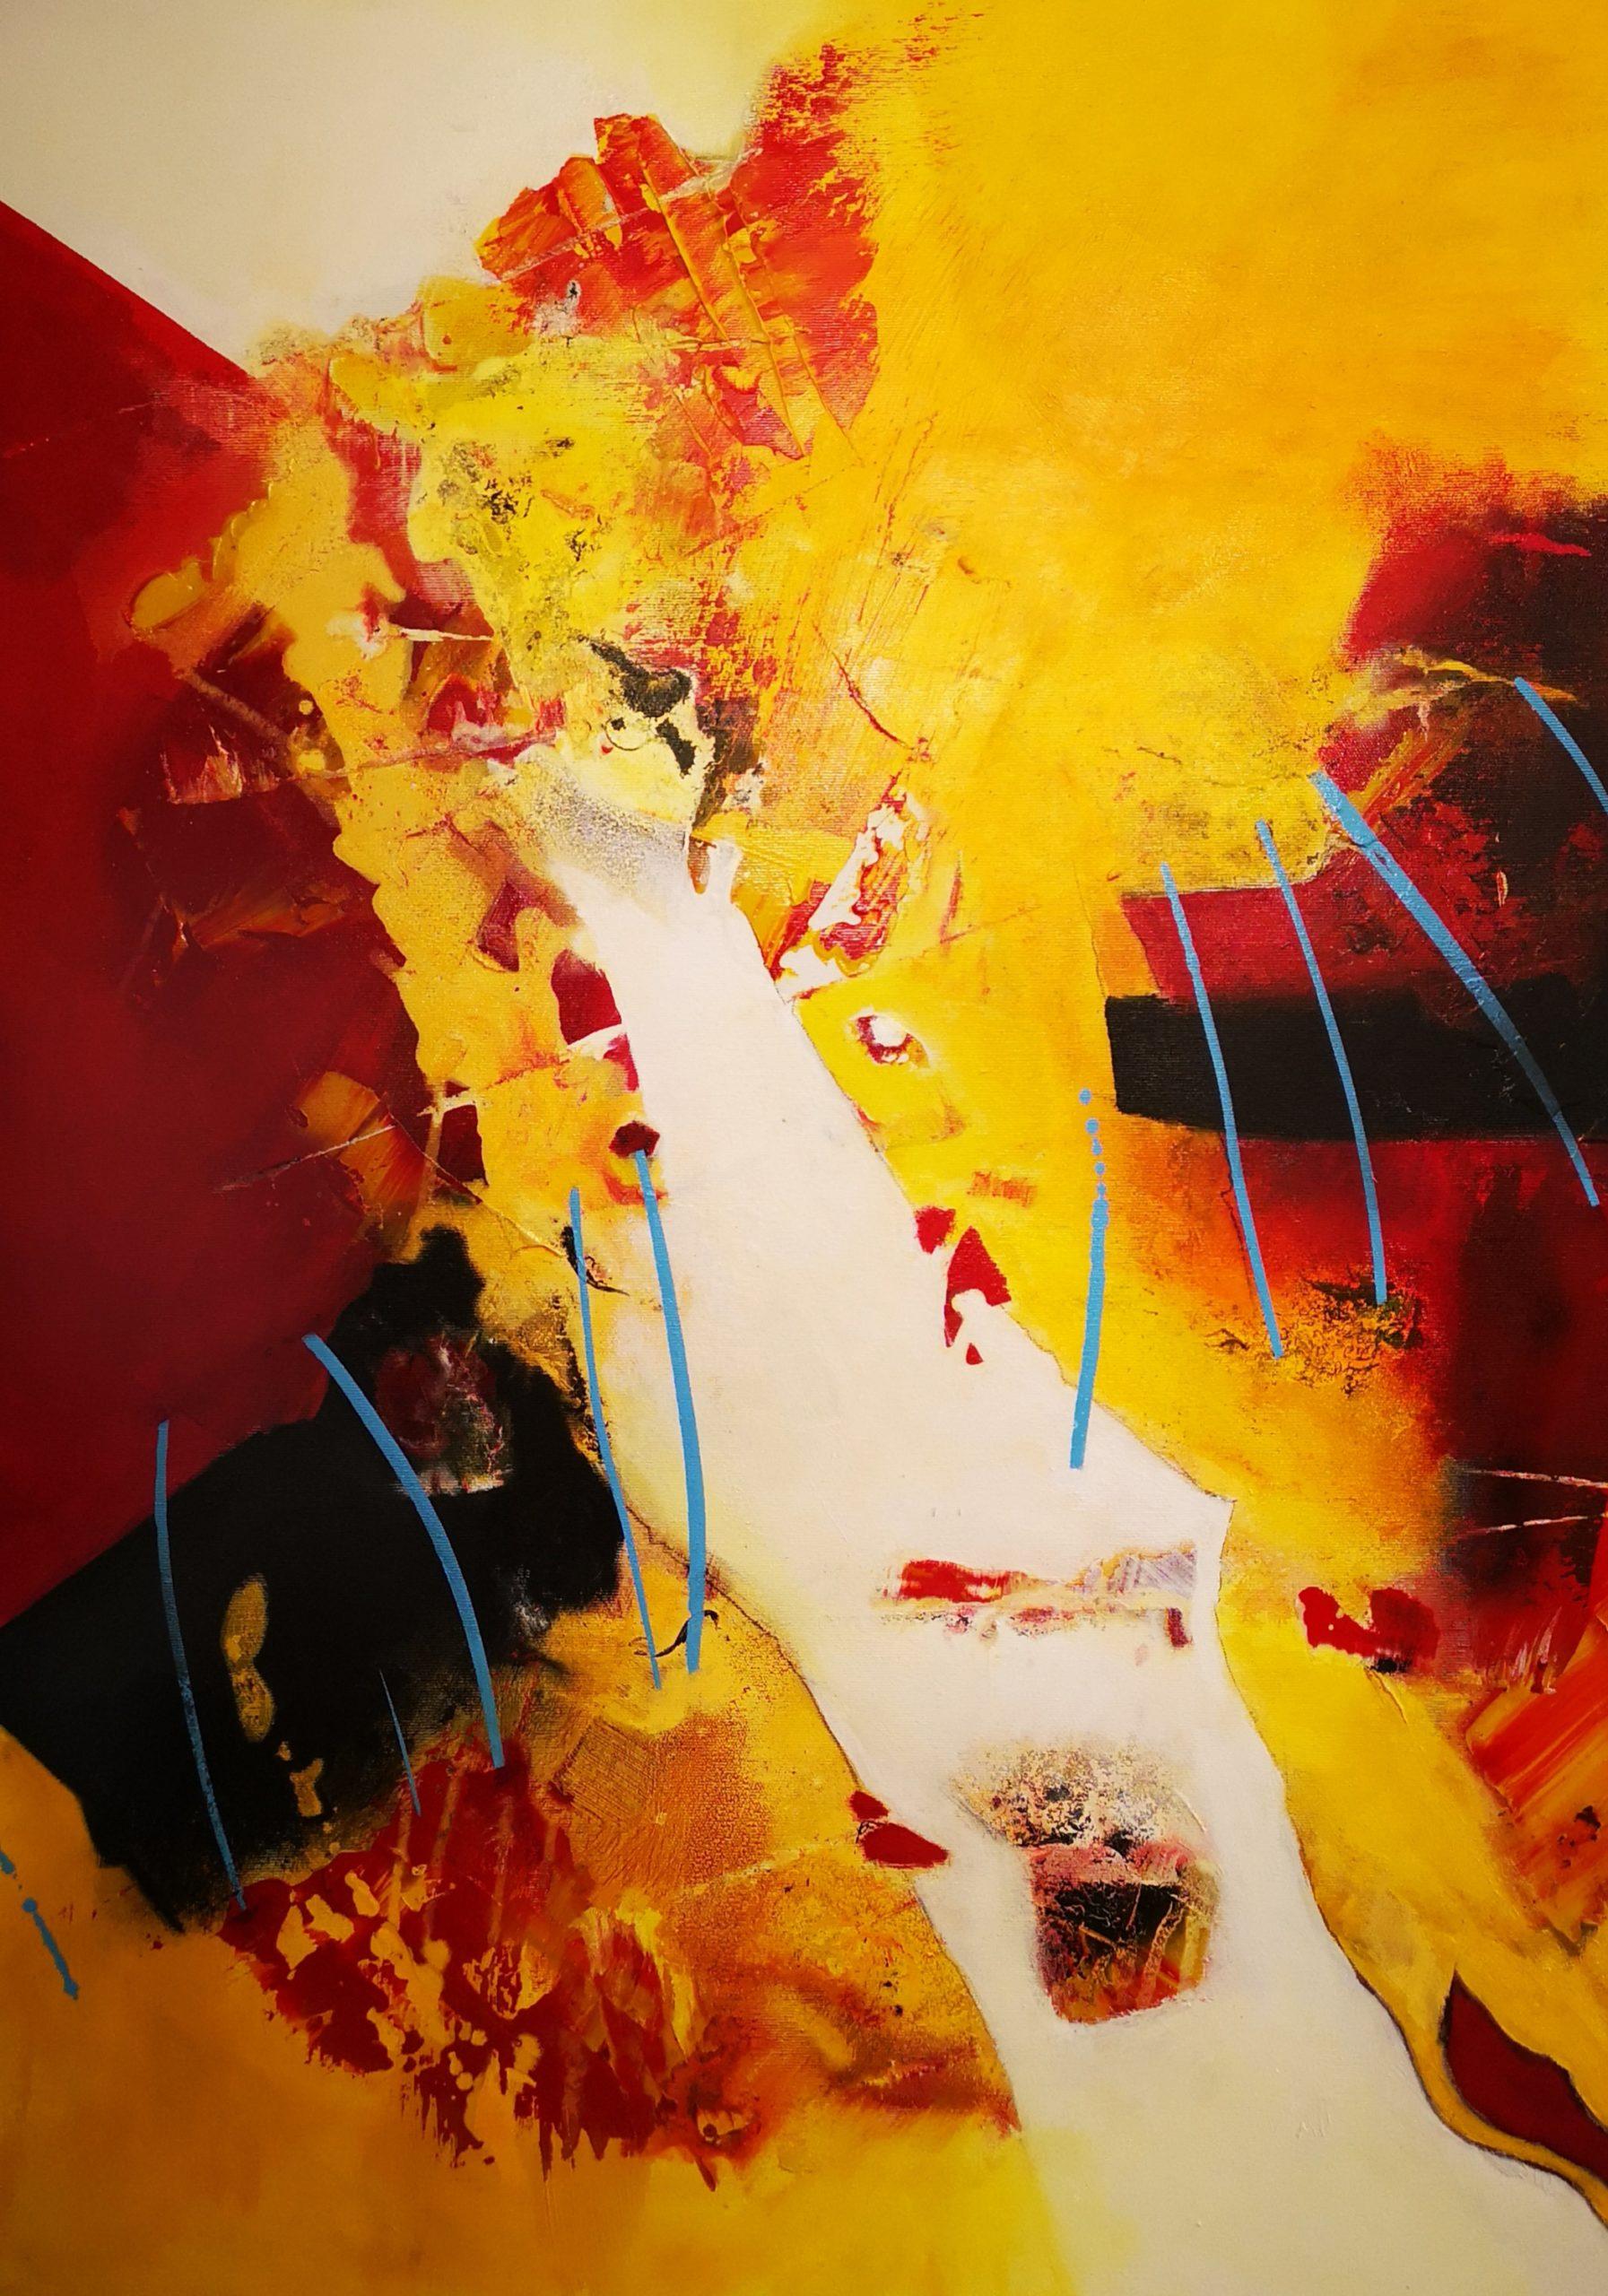 Abstrakt in Rot, schwarz, weiß, gelb